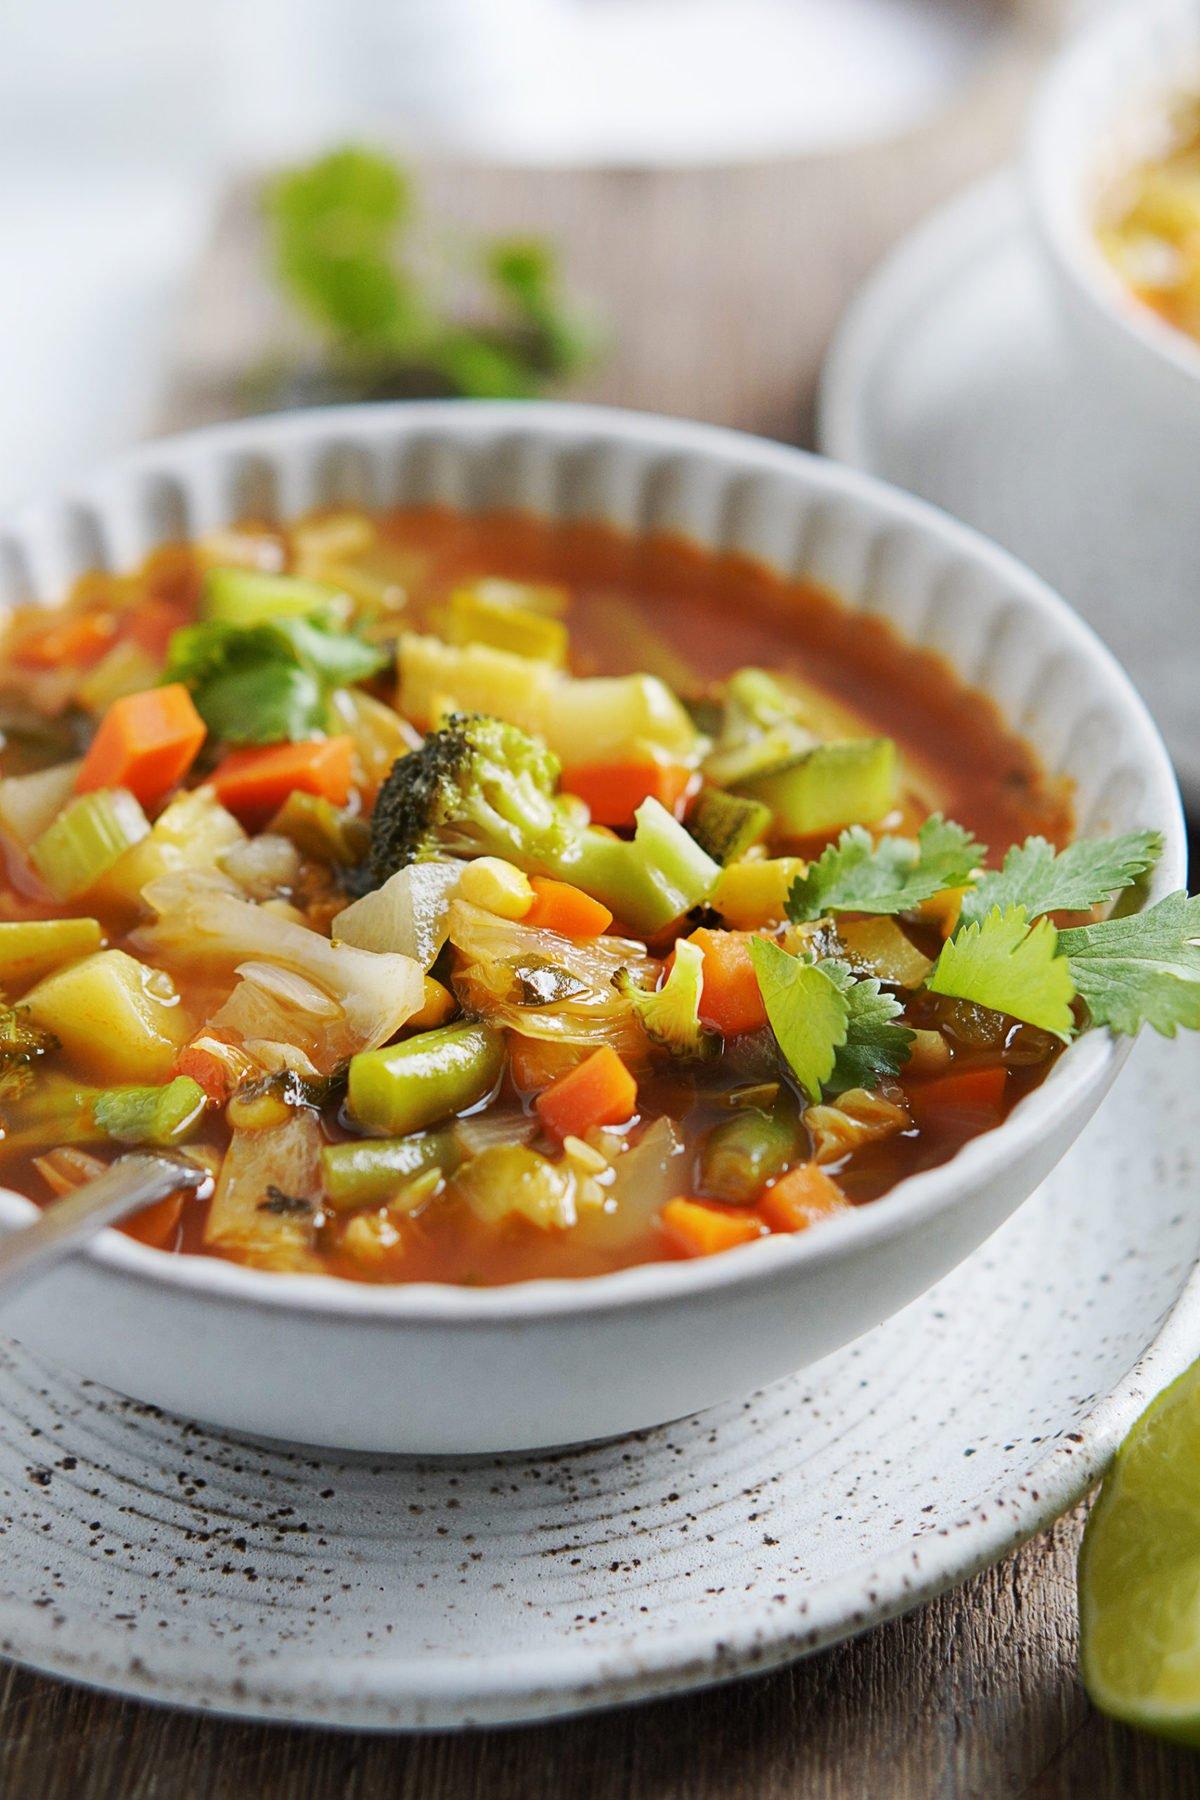 A white bowl with Sopa De Vegetales